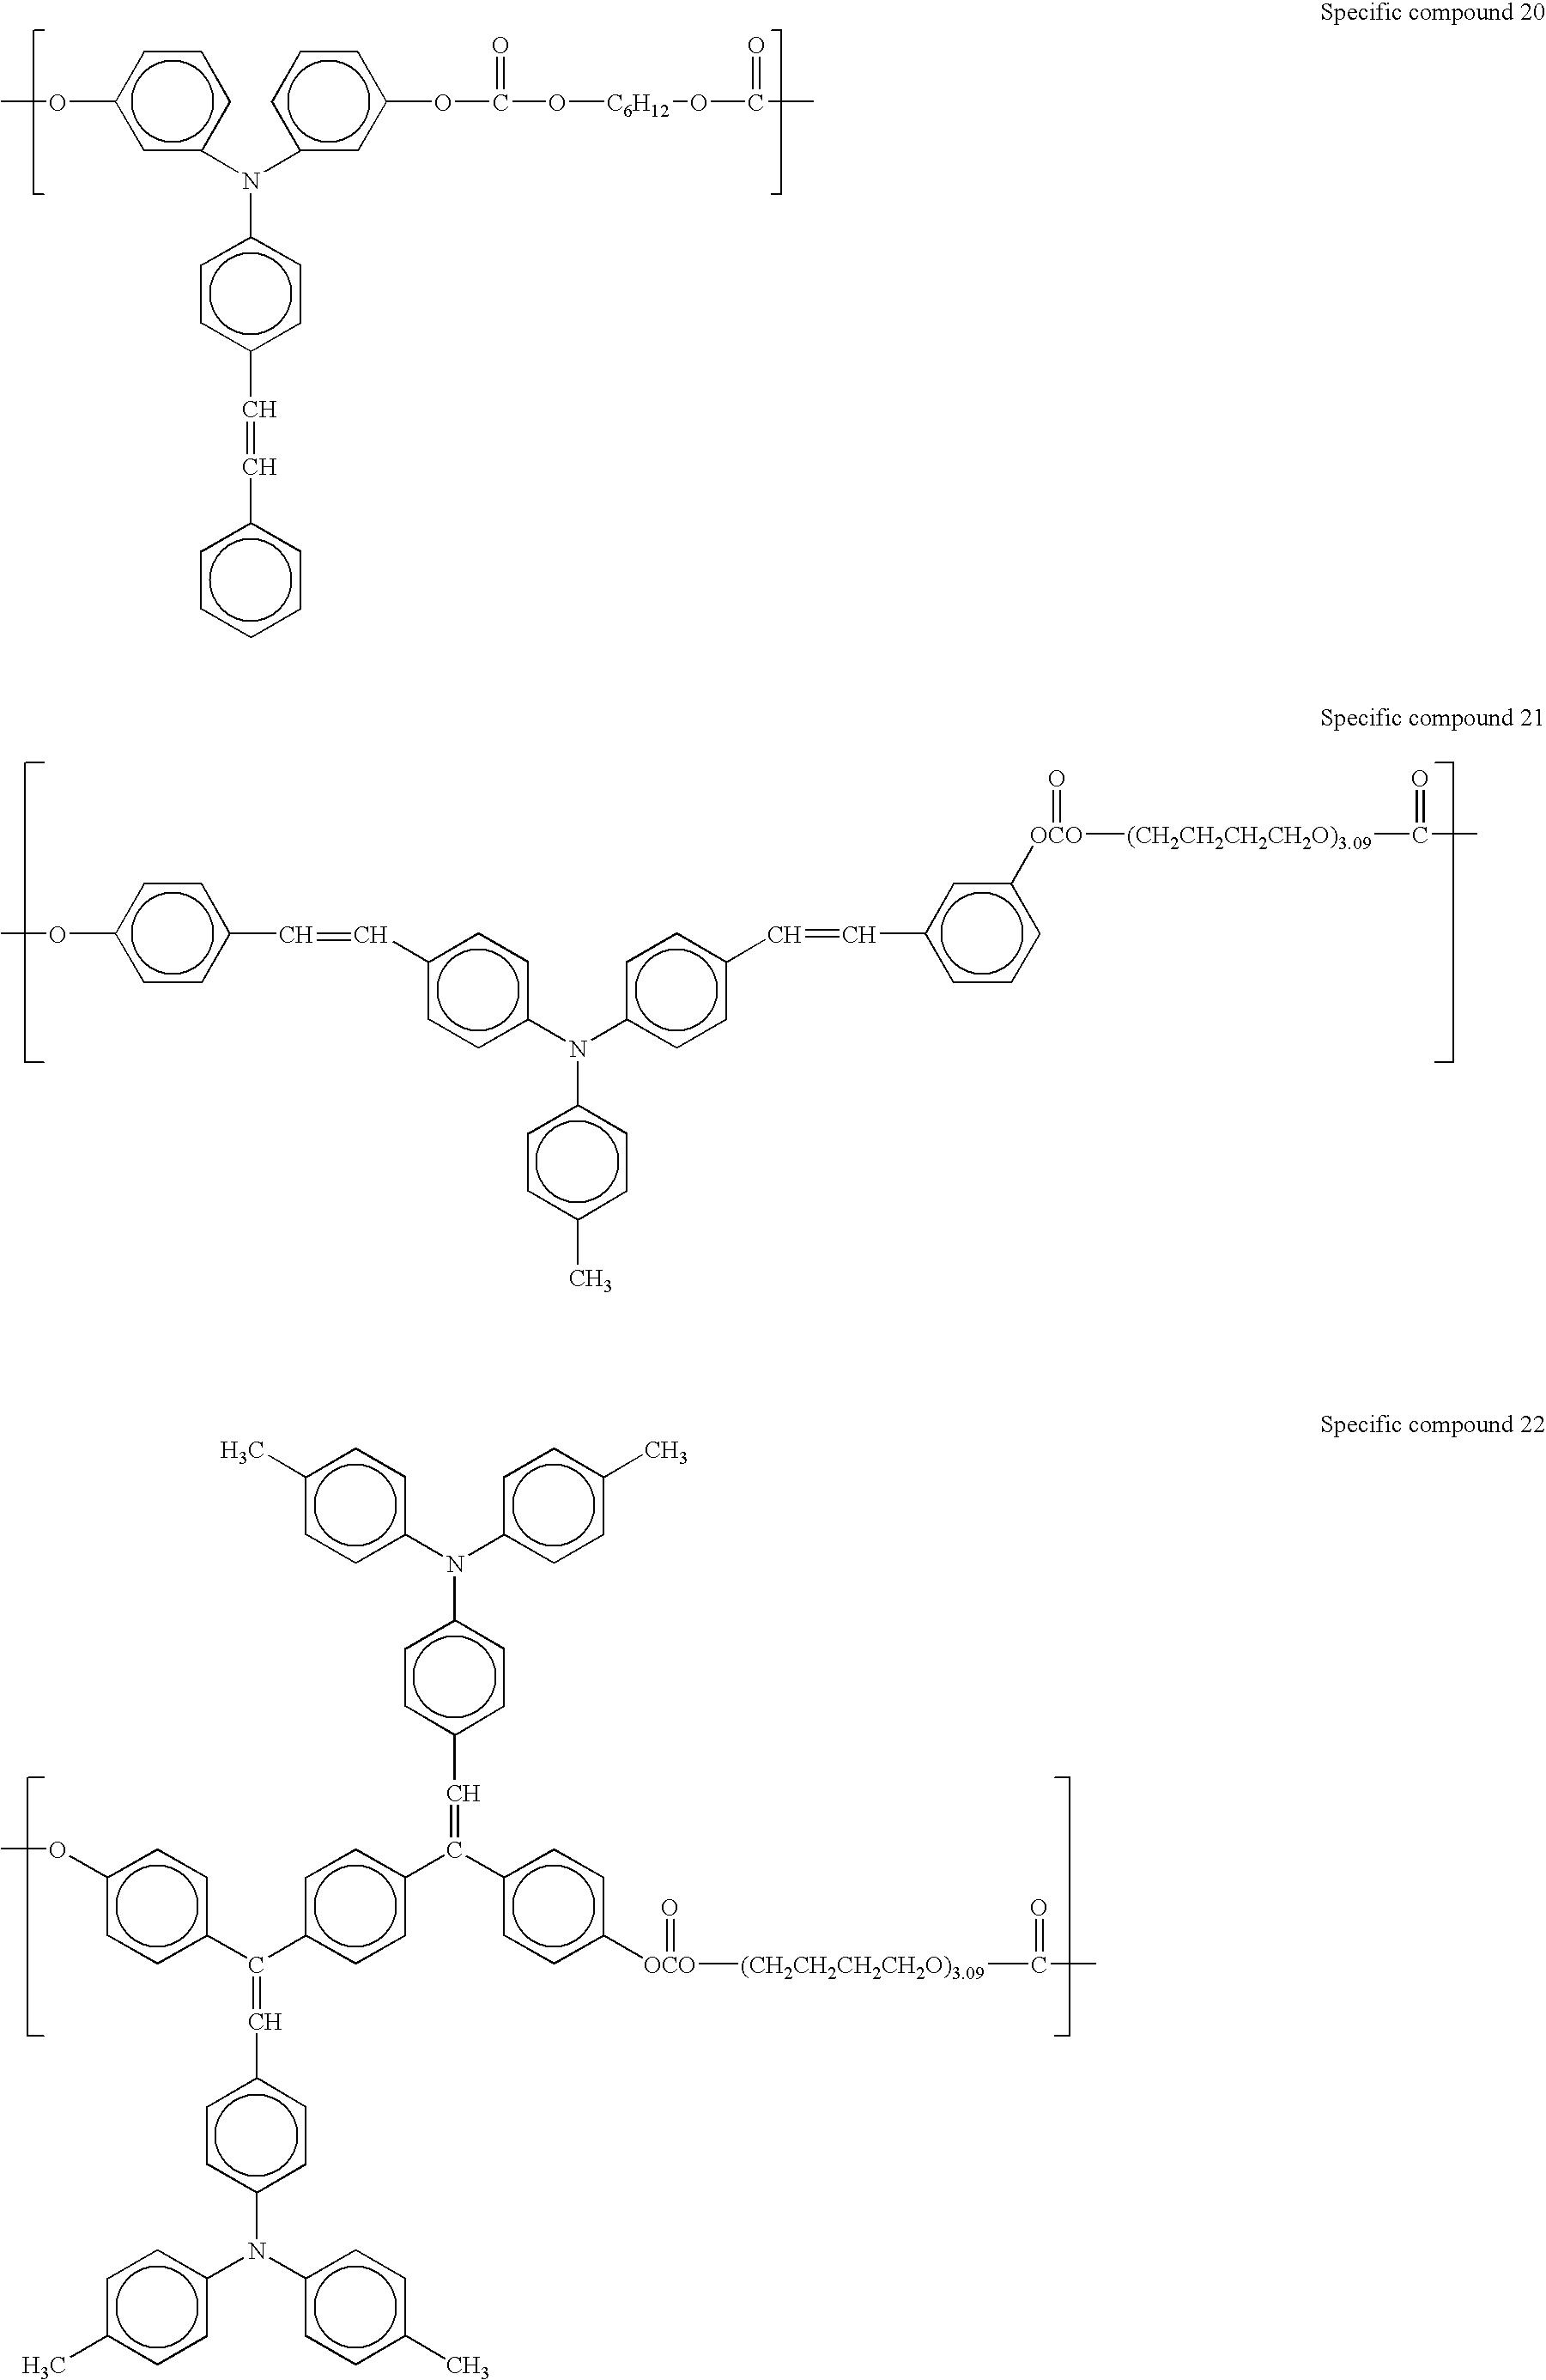 Figure US20040197688A1-20041007-C00018